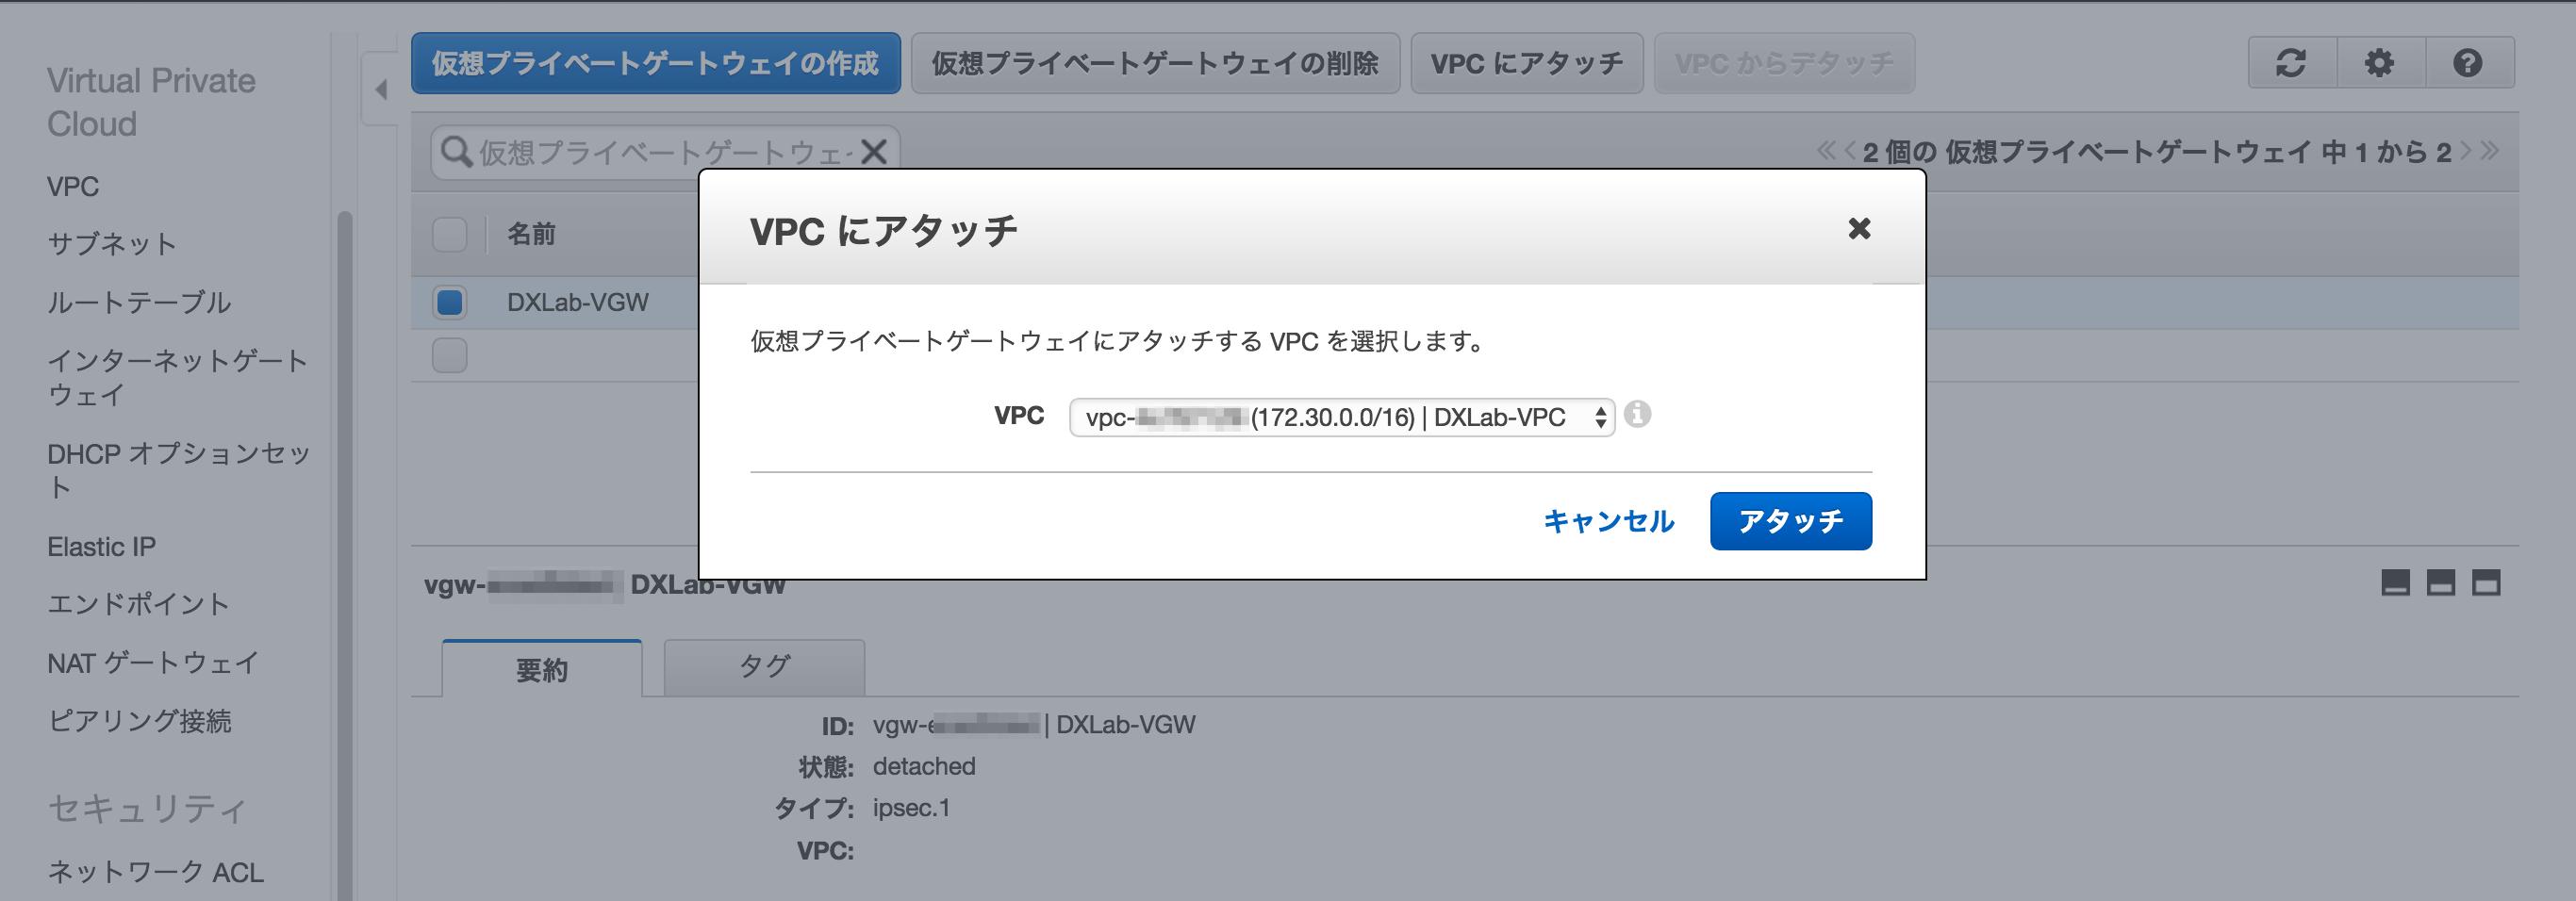 VPC-011